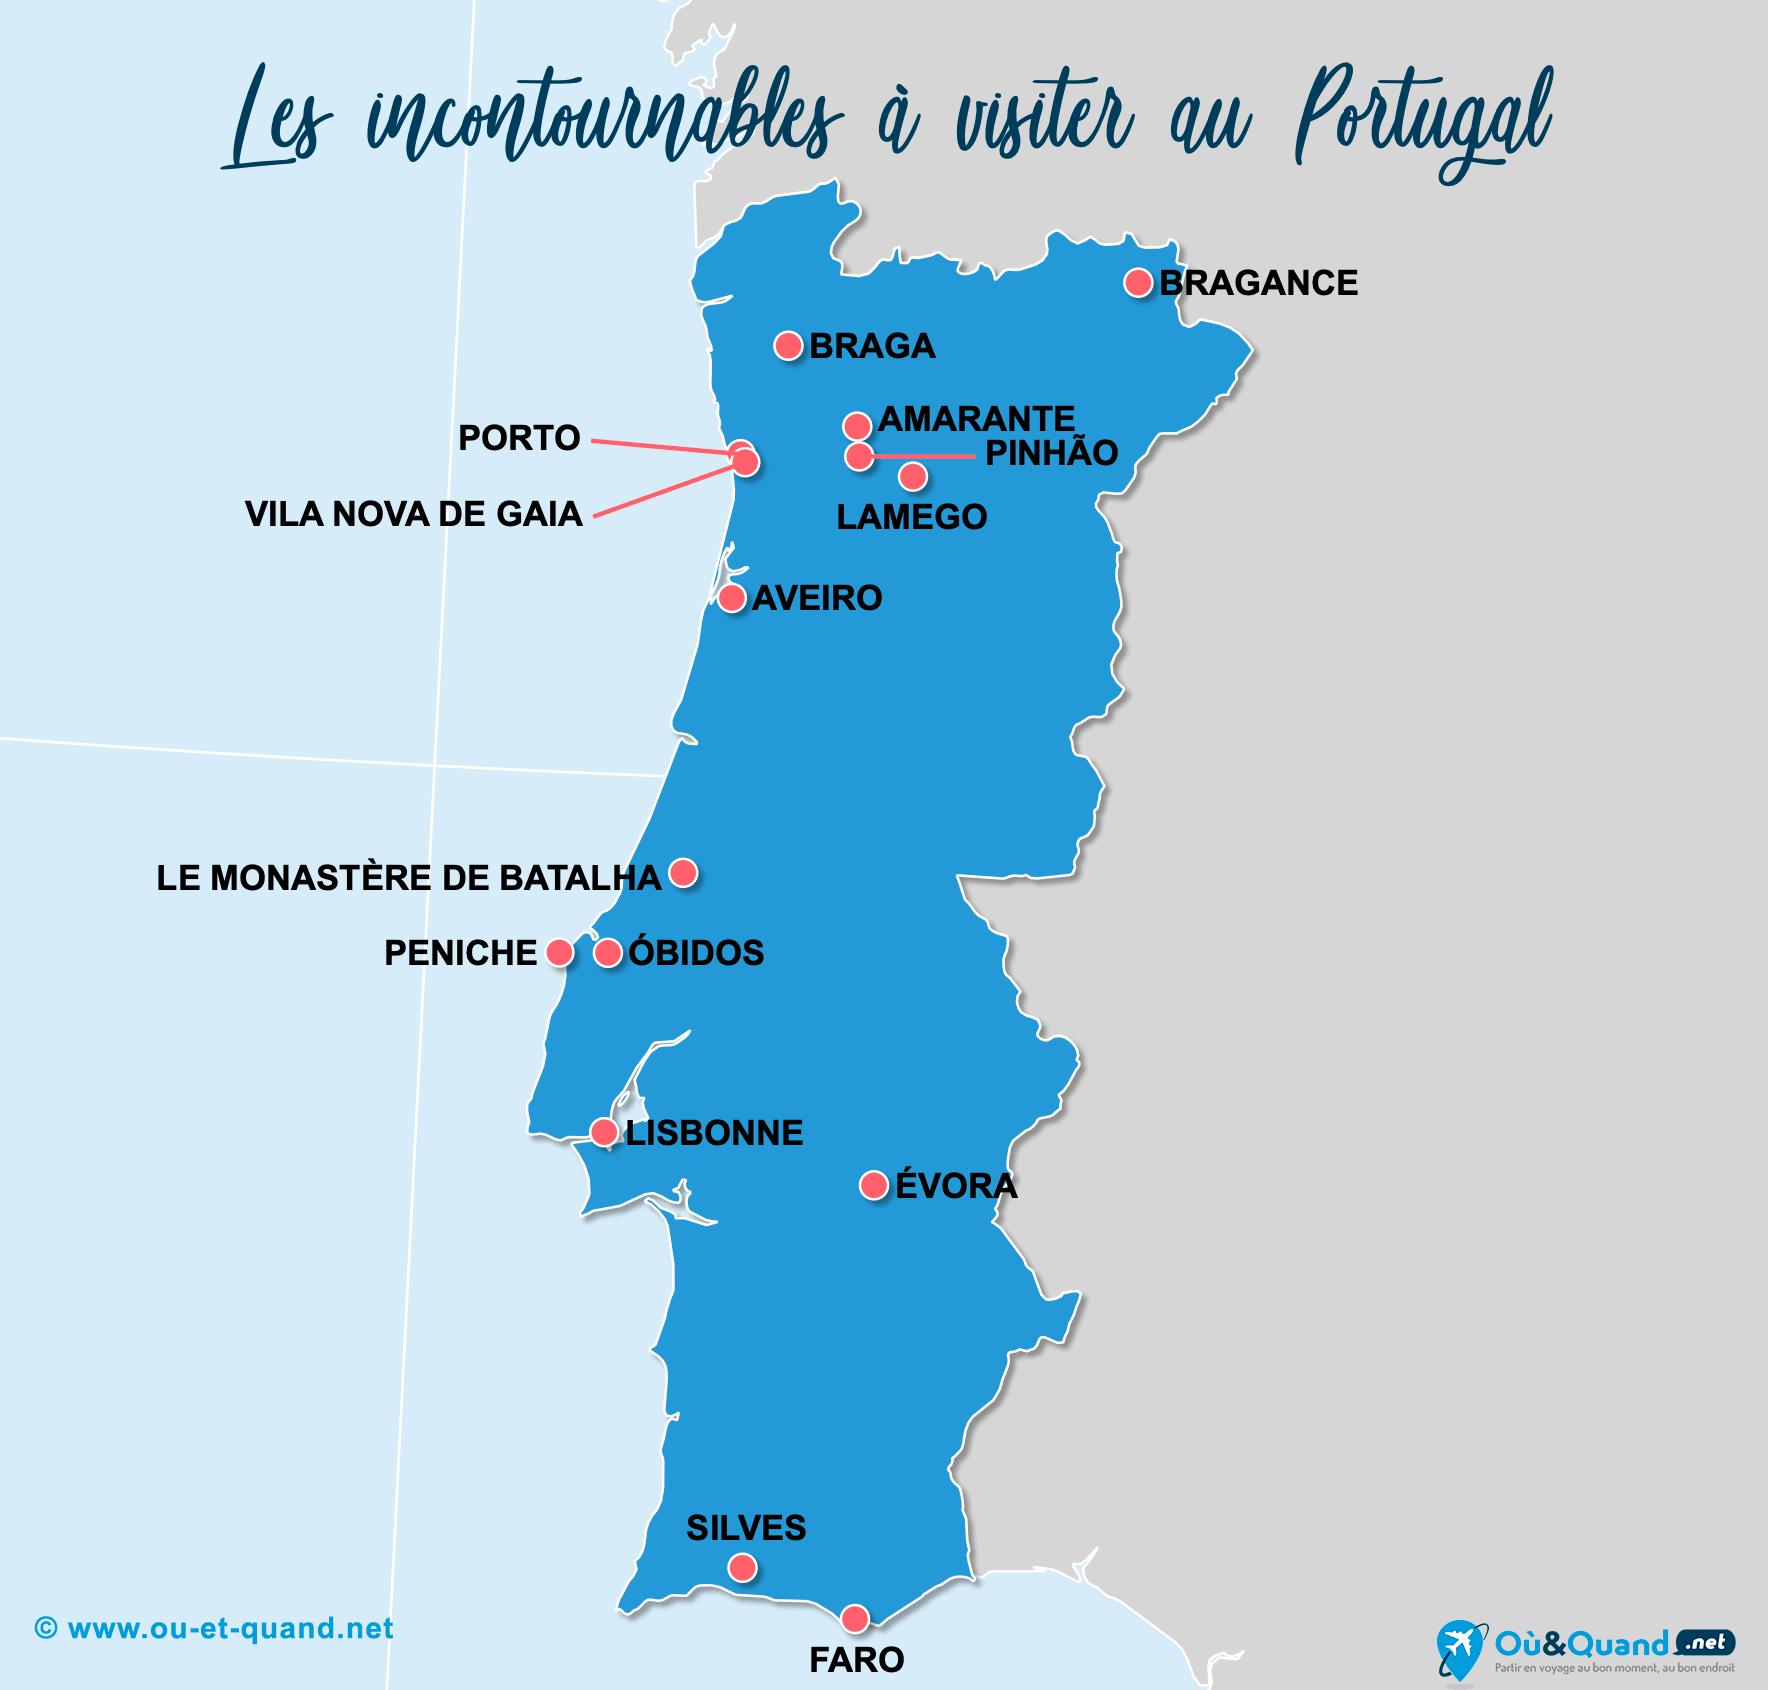 Carte Incontournables Portugal